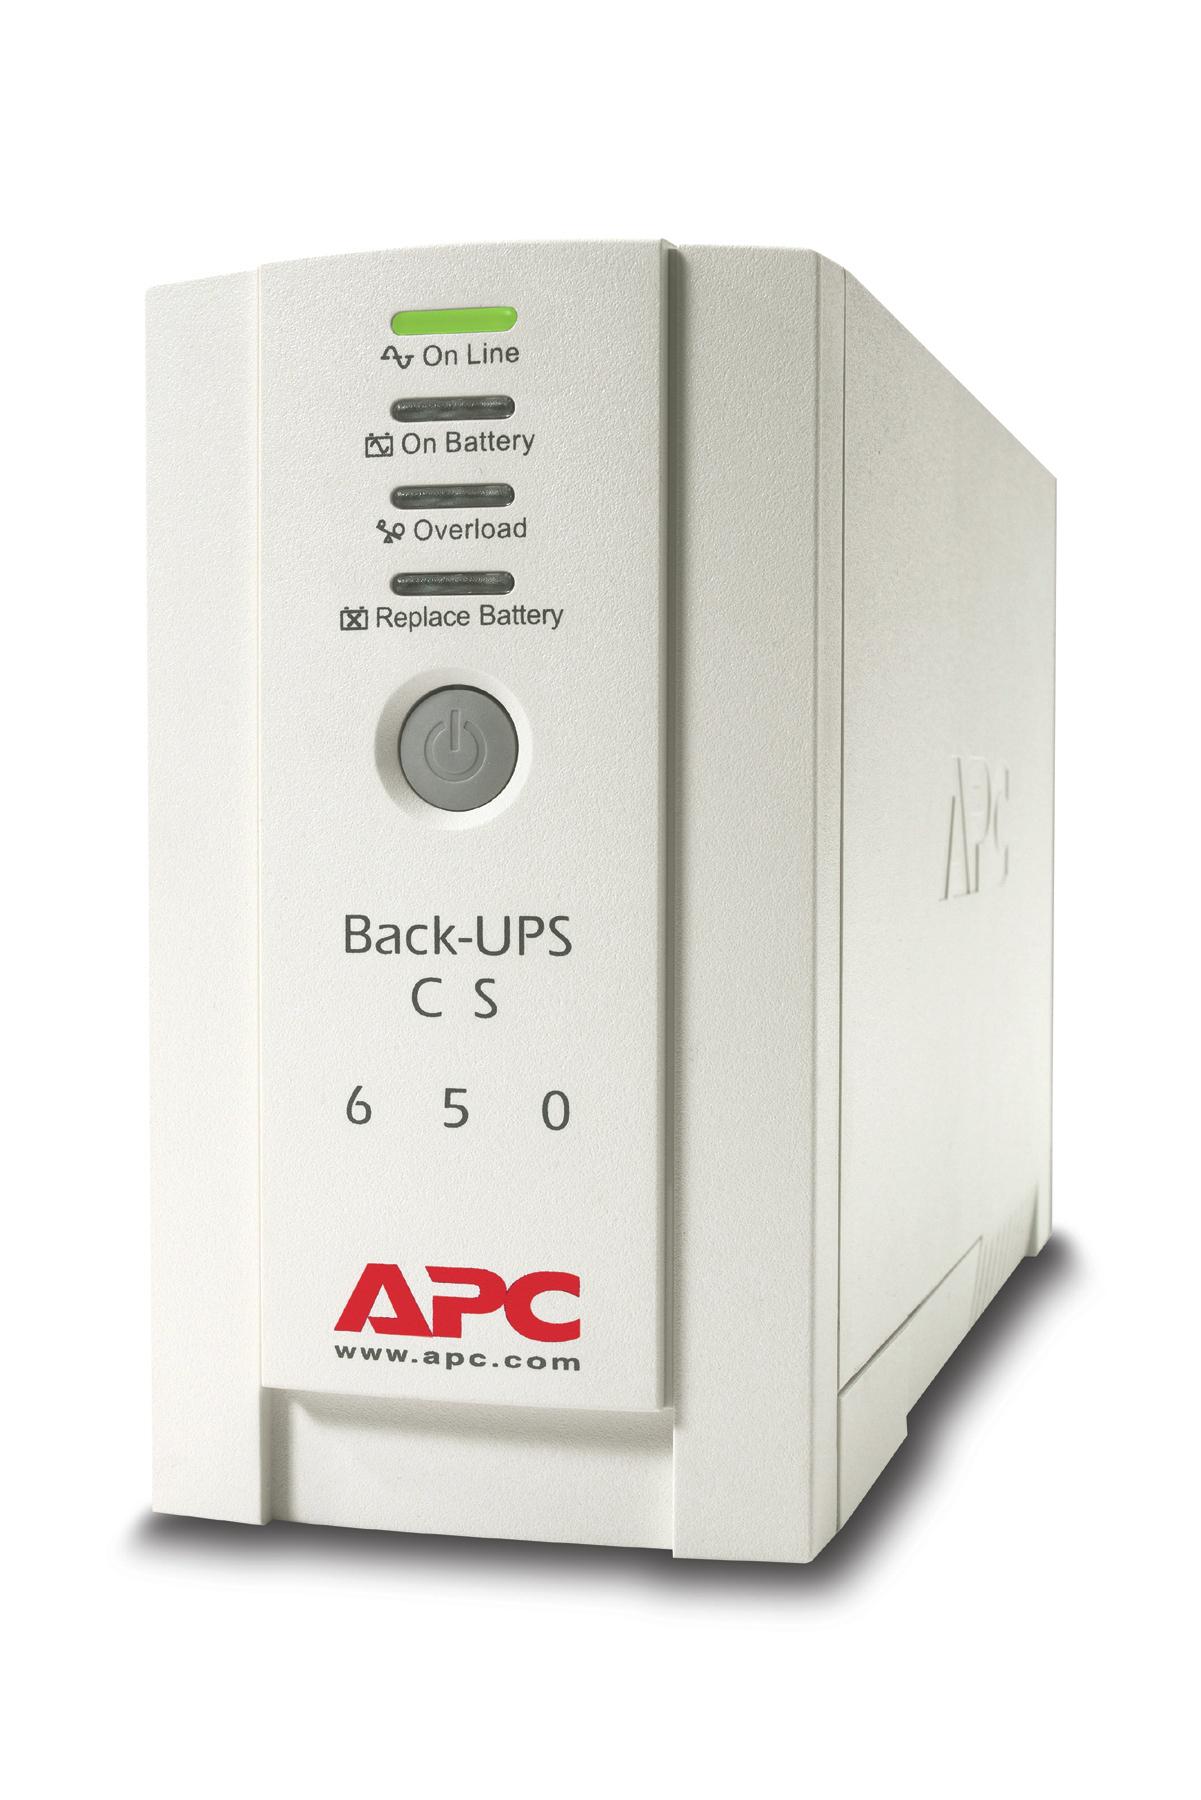 APC Back-UPS sistema de alimentación ininterrumpida (UPS) En espera (Fuera de línea) o Standby (Offline) 650 VA 400 W 4 salidas AC